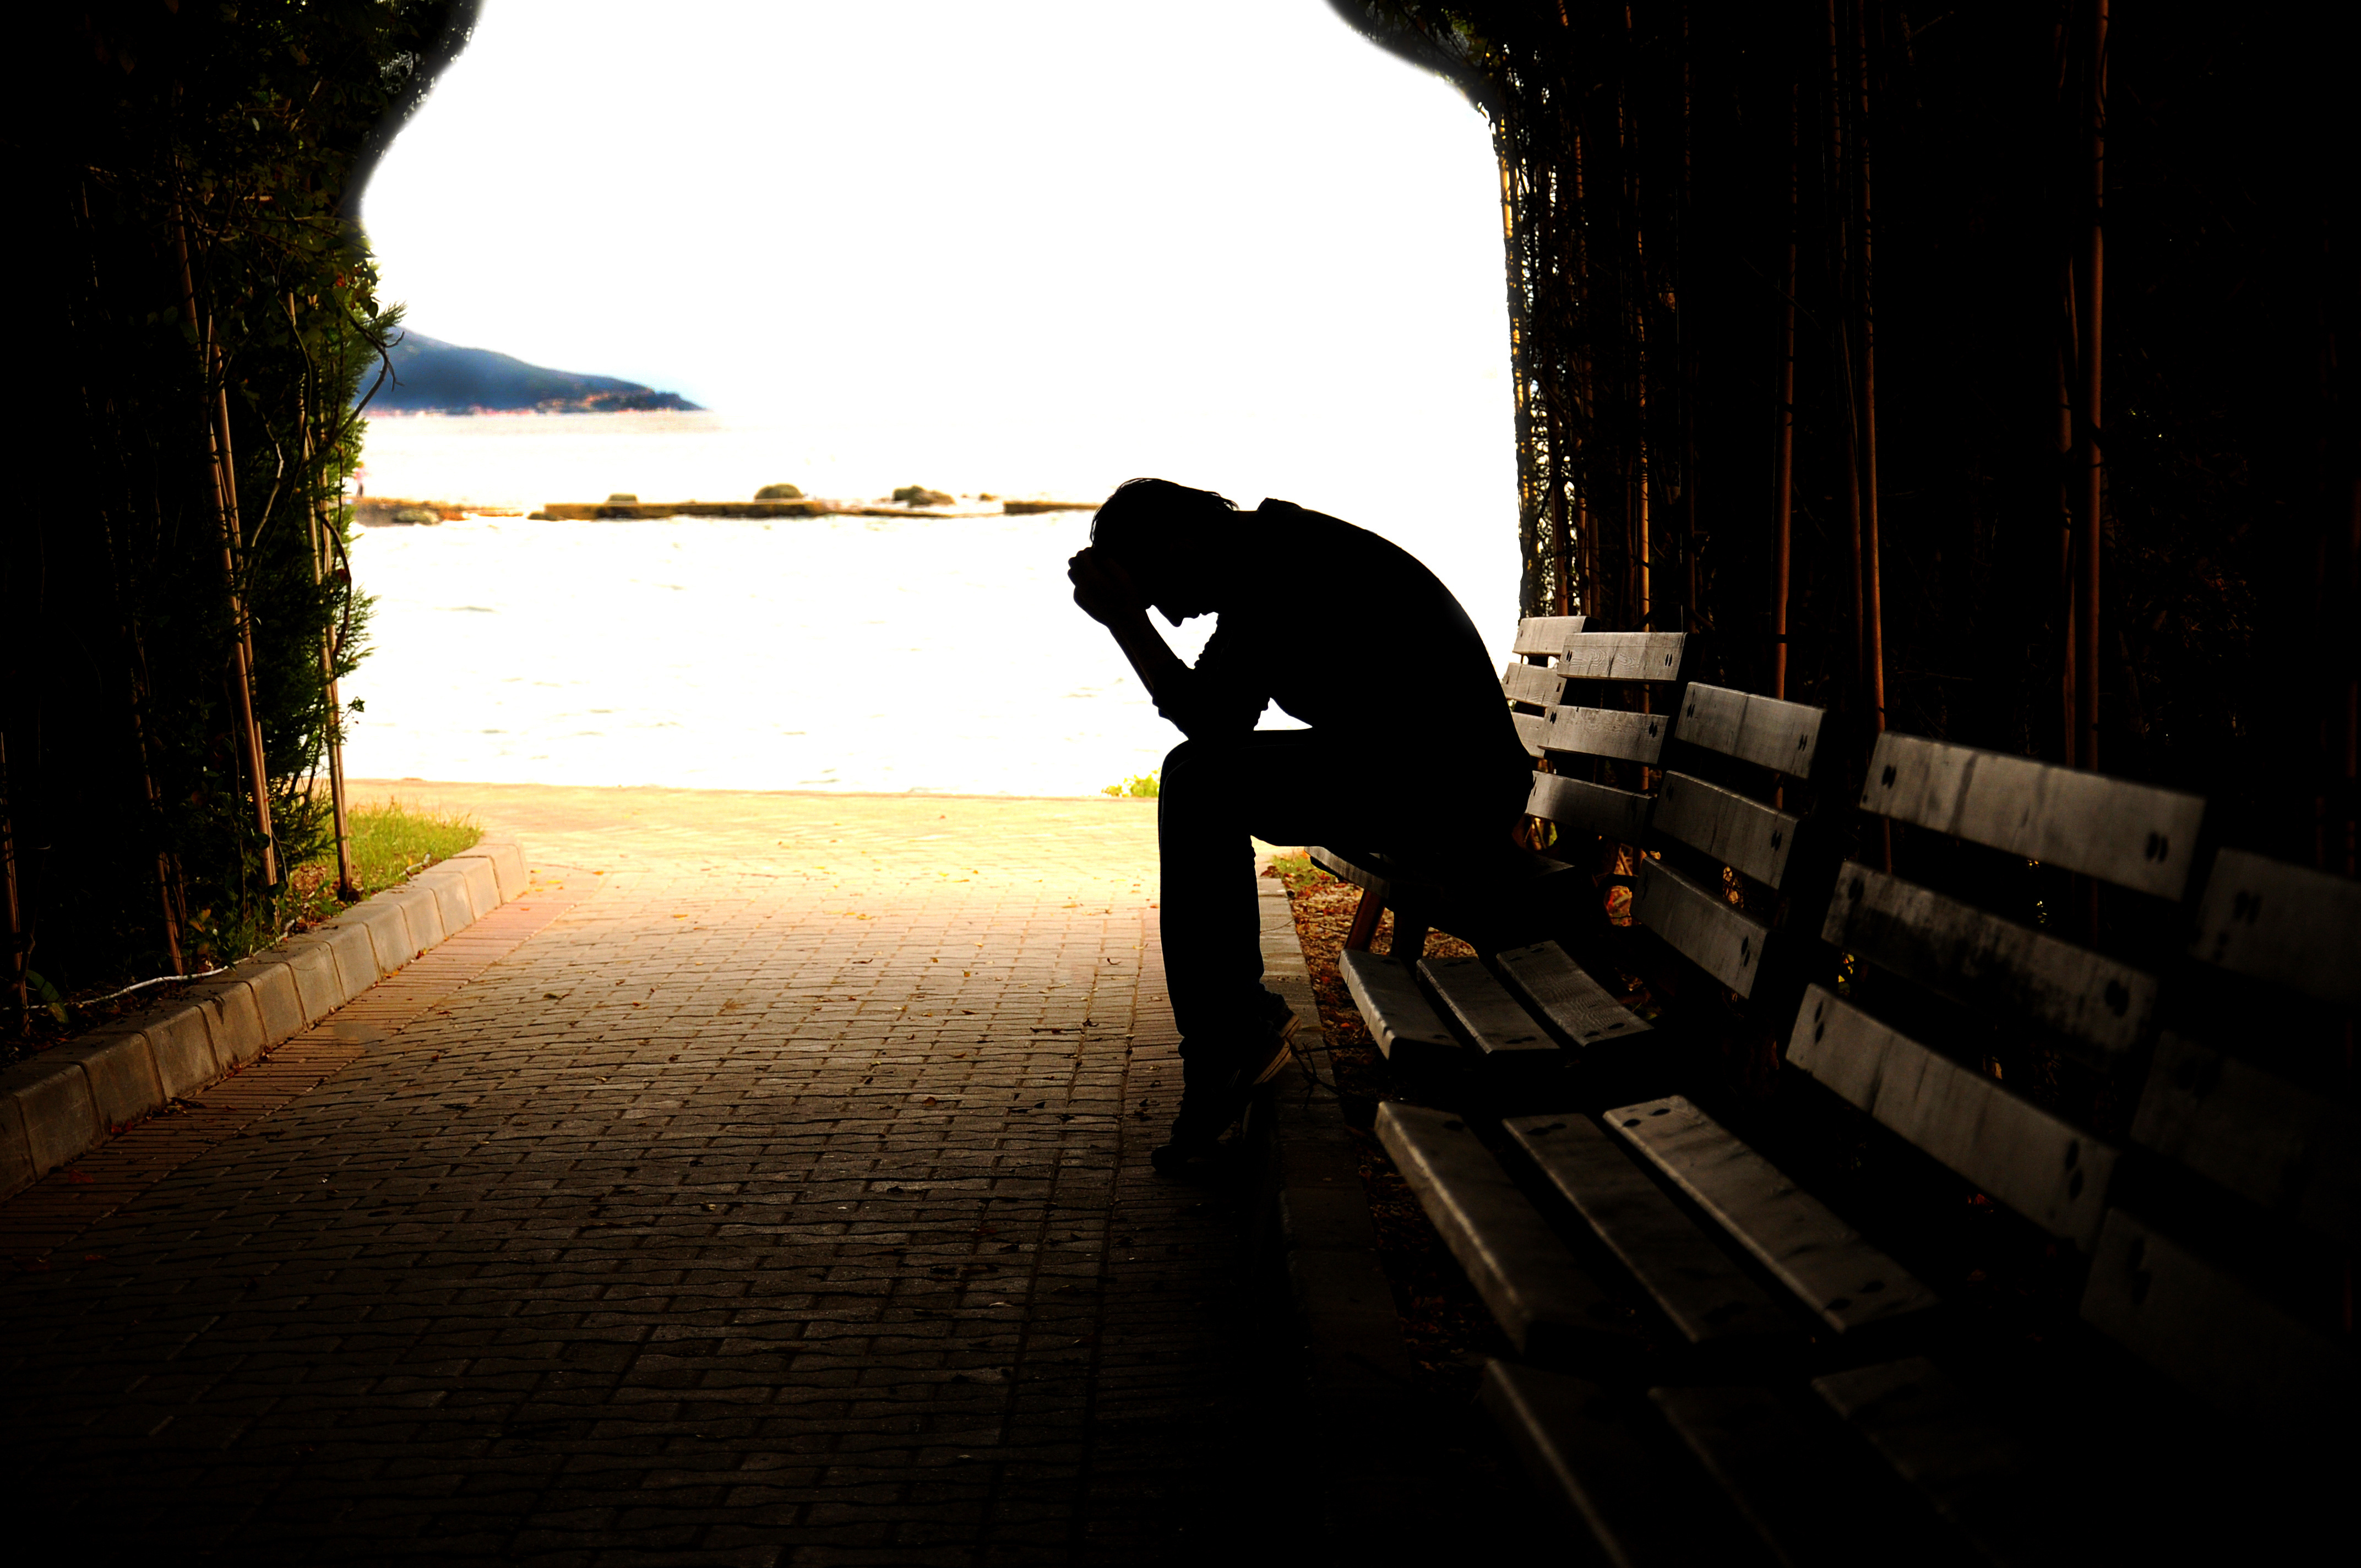 прекрасно картинки грусть одиночество мужчины на аву планировала работать одной